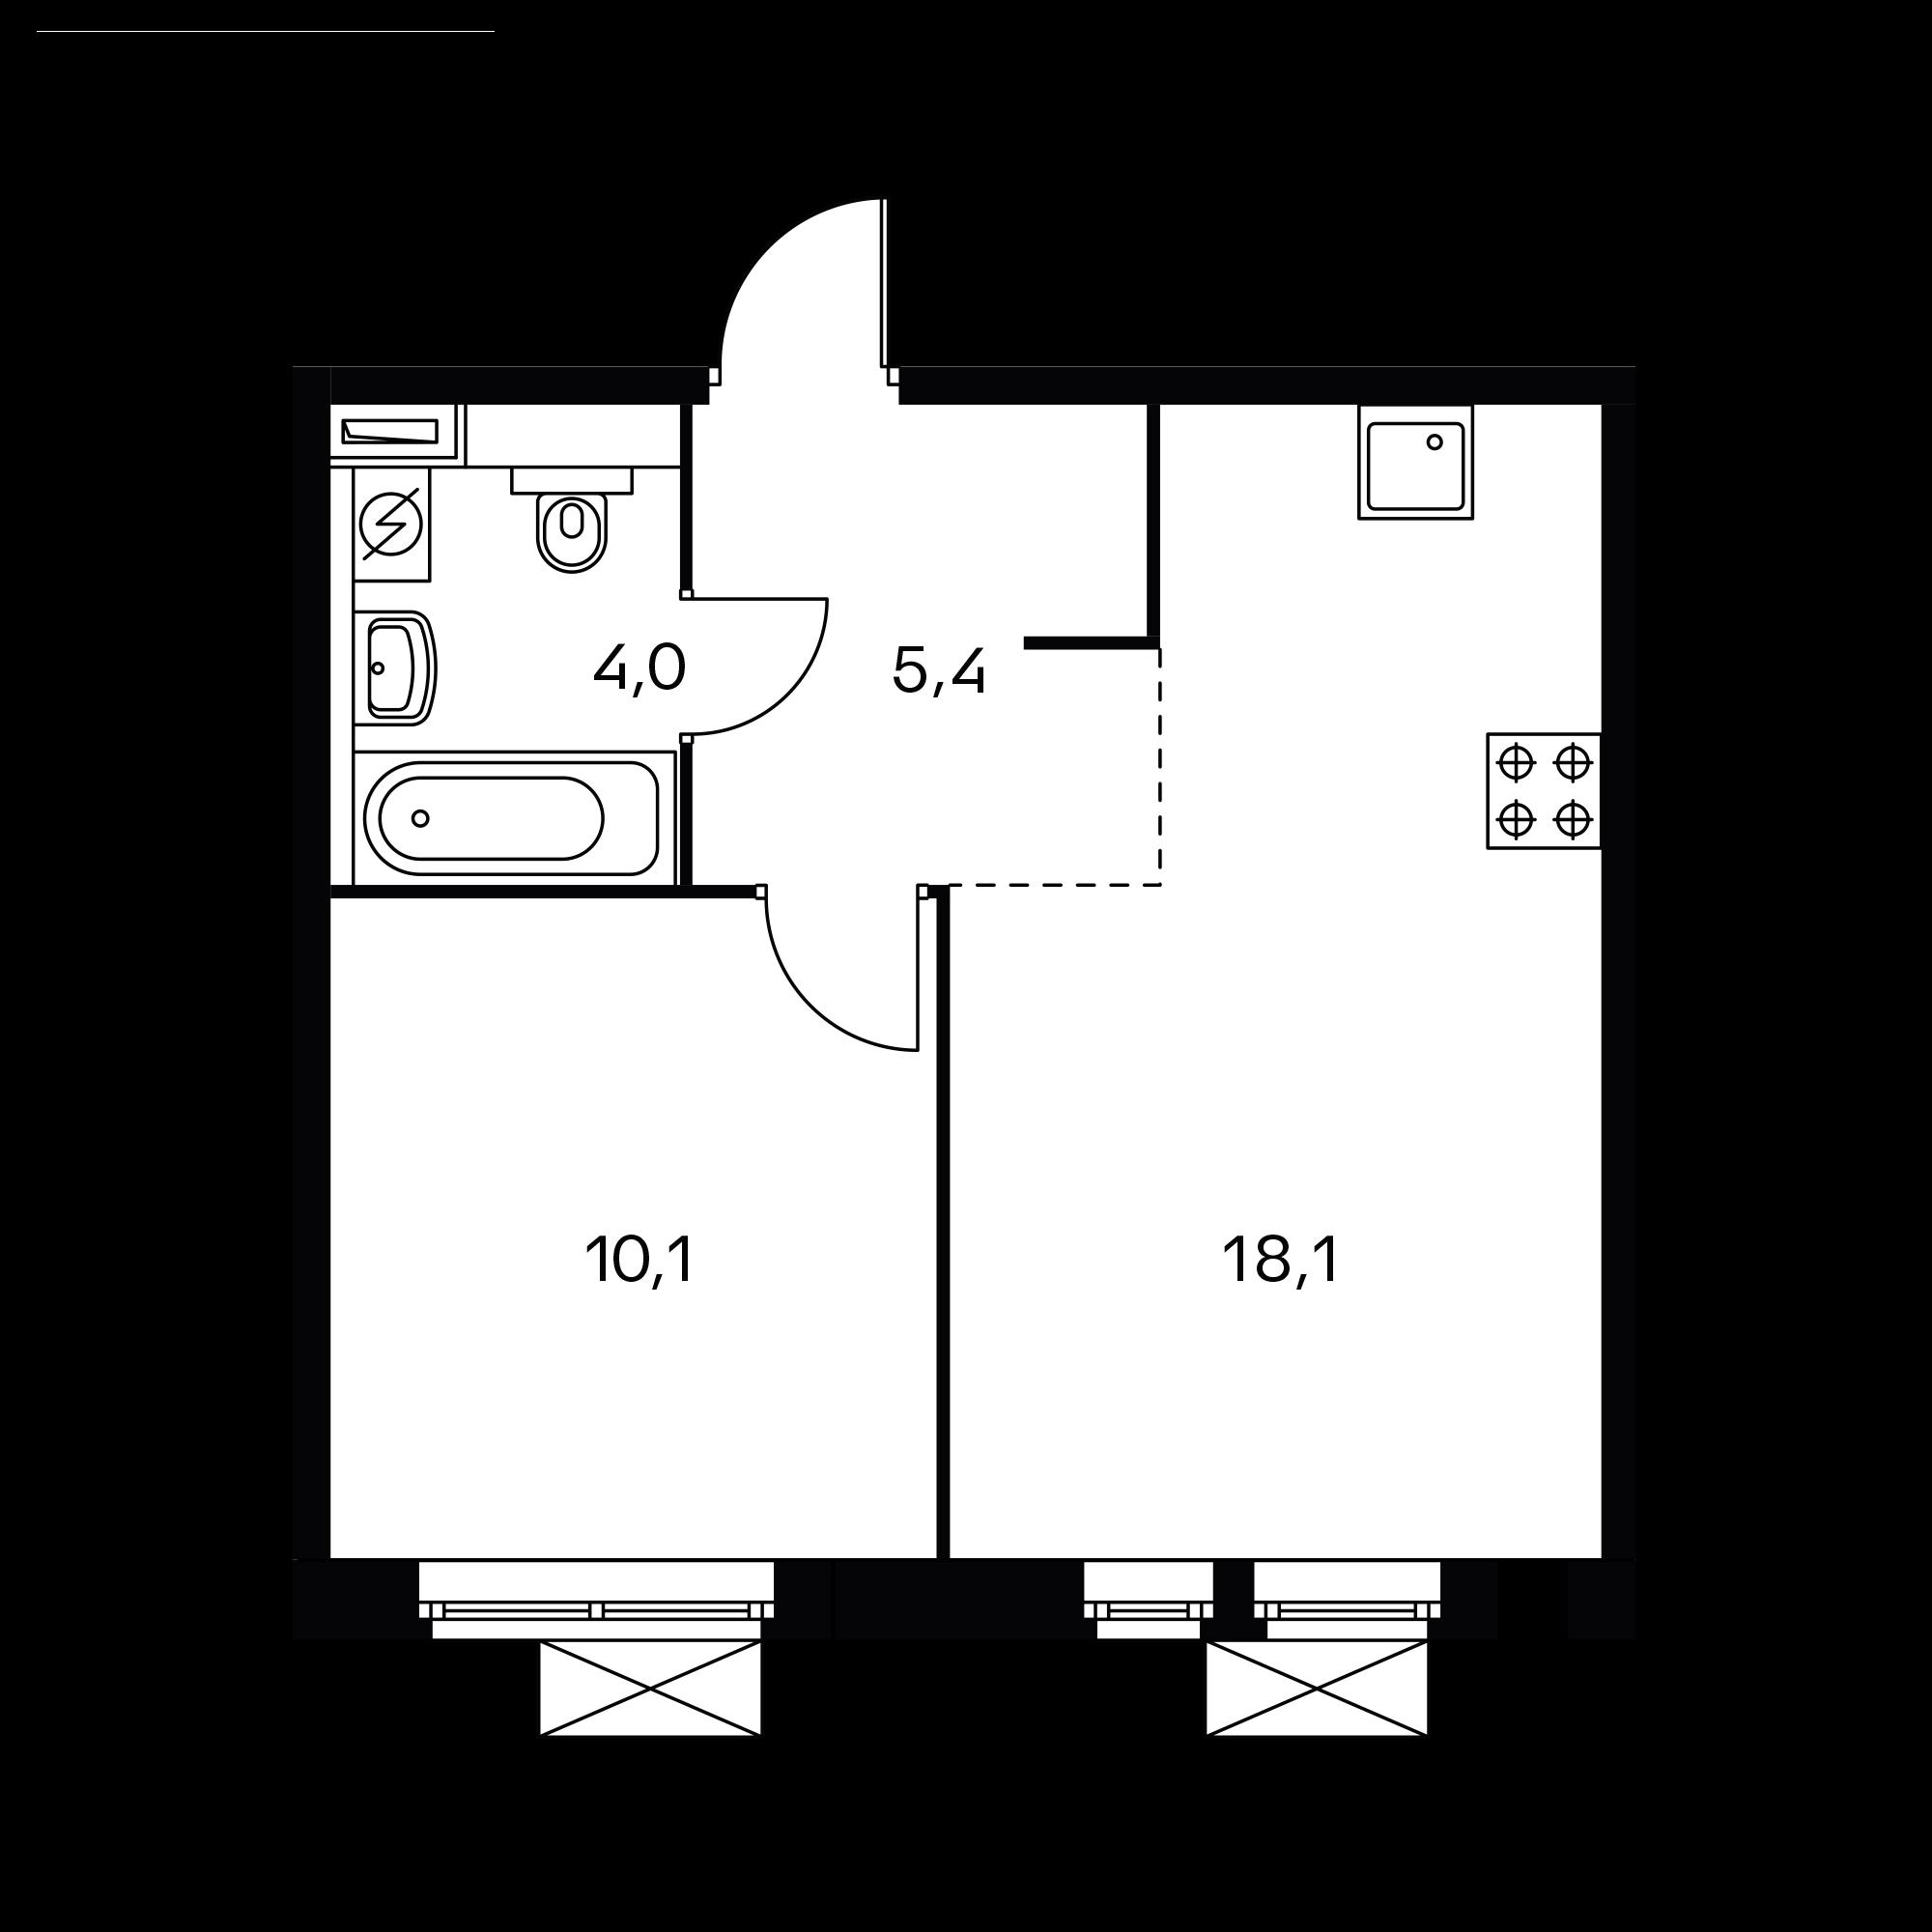 1EM3_6.9-1_S_A3